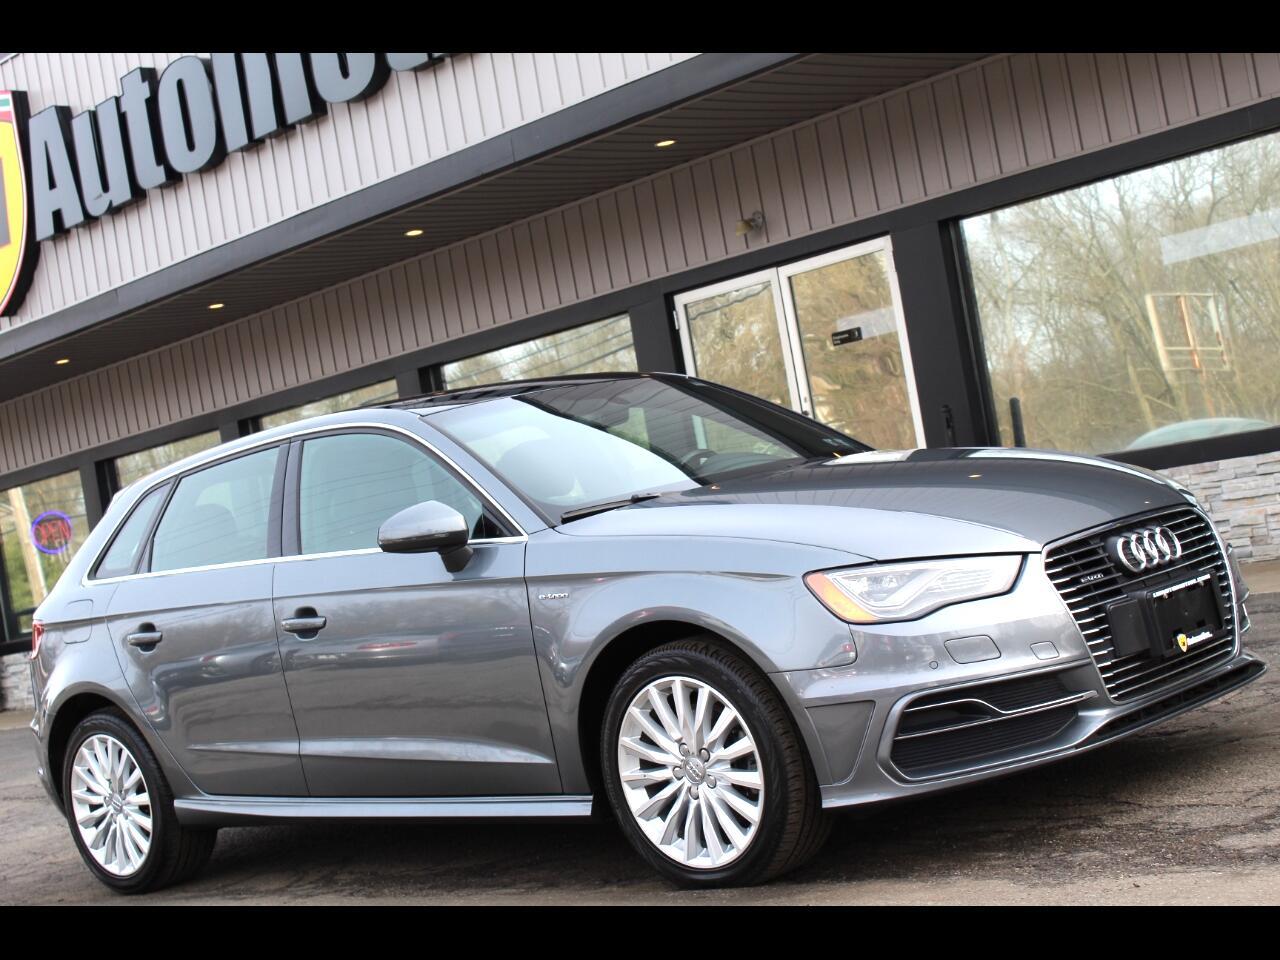 Audi A3 e-tron 4dr HB Premium Plus 2016